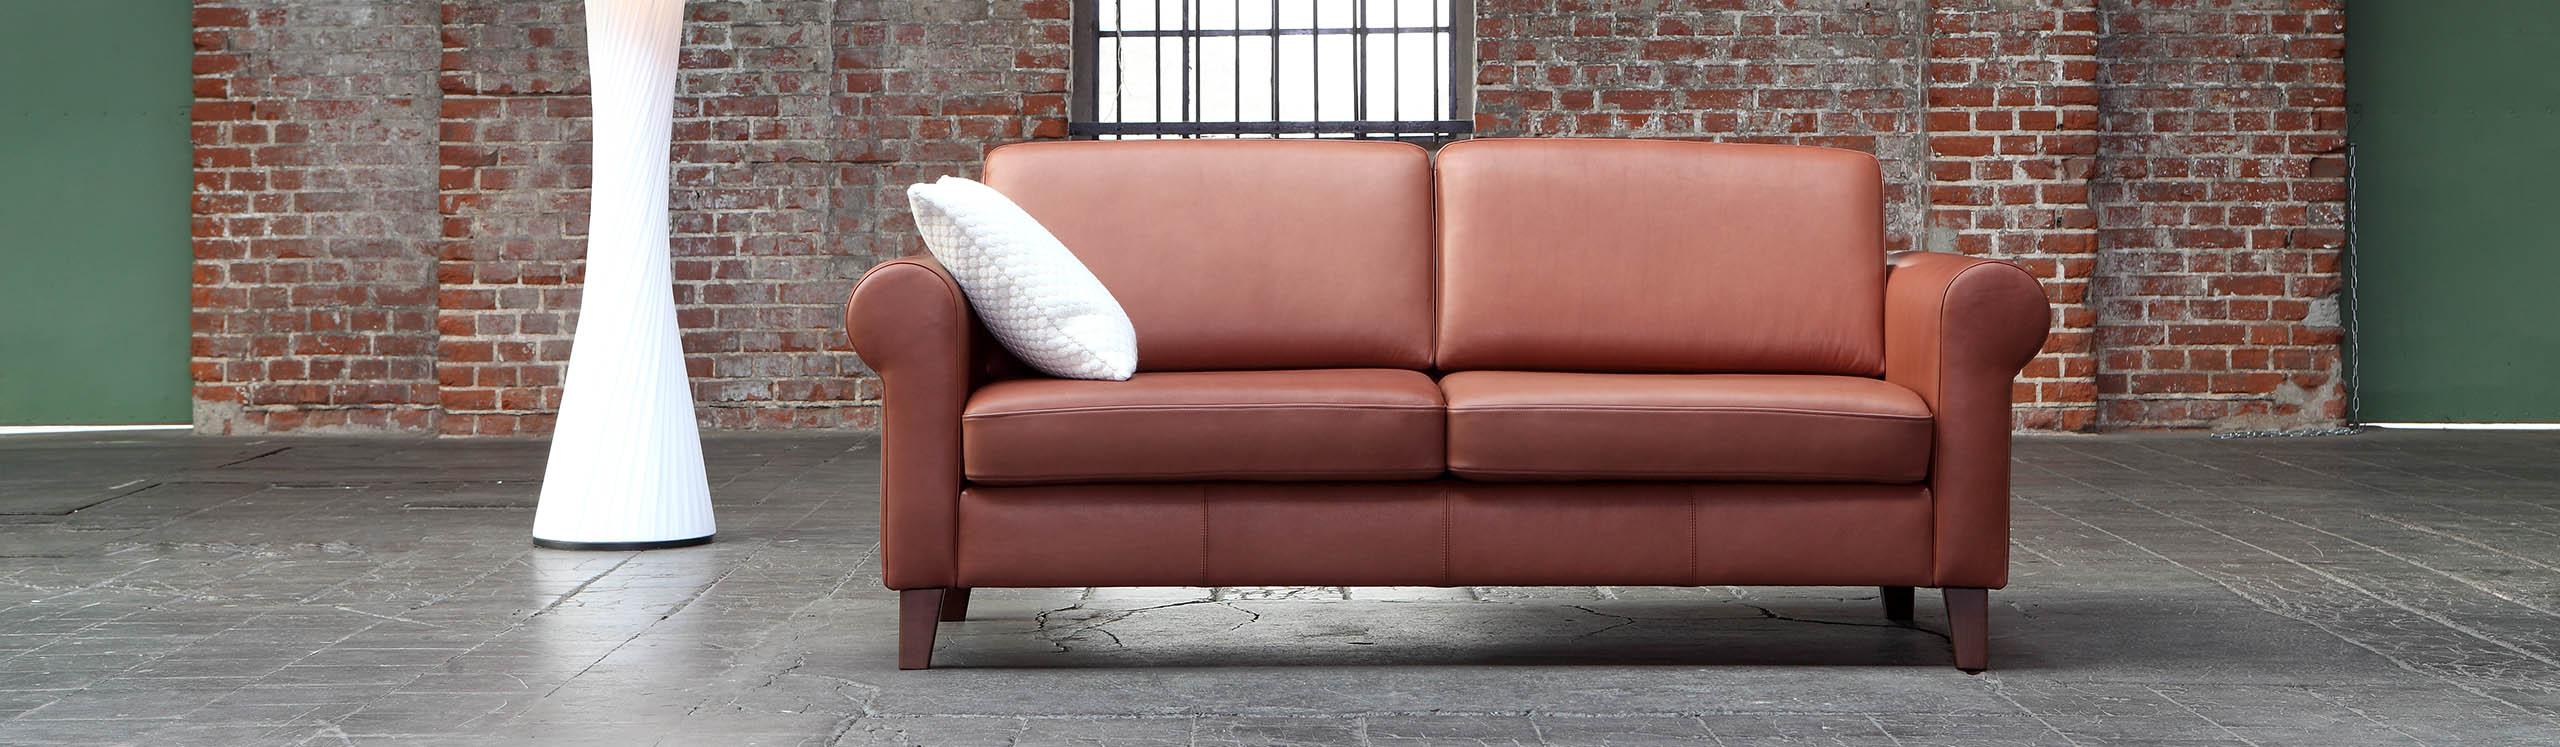 kologisches einrichtungshaus in kassel oeko bauen wohnen kassel. Black Bedroom Furniture Sets. Home Design Ideas